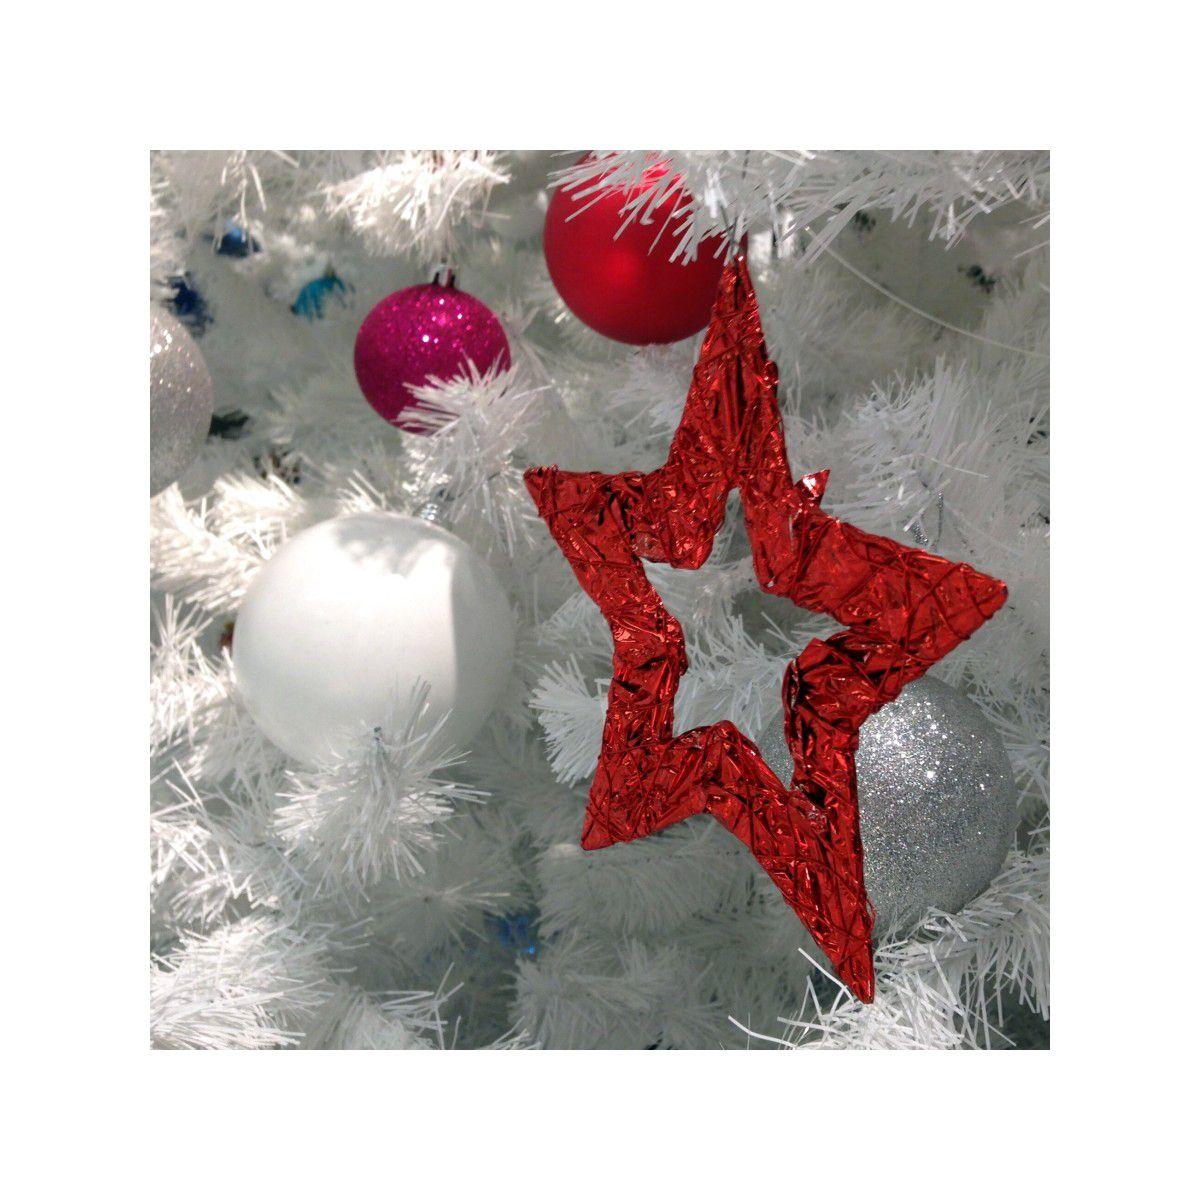 Nett Kühl Billig Weihnachtsgeschenke Galerie - Weihnachtsbilder ...